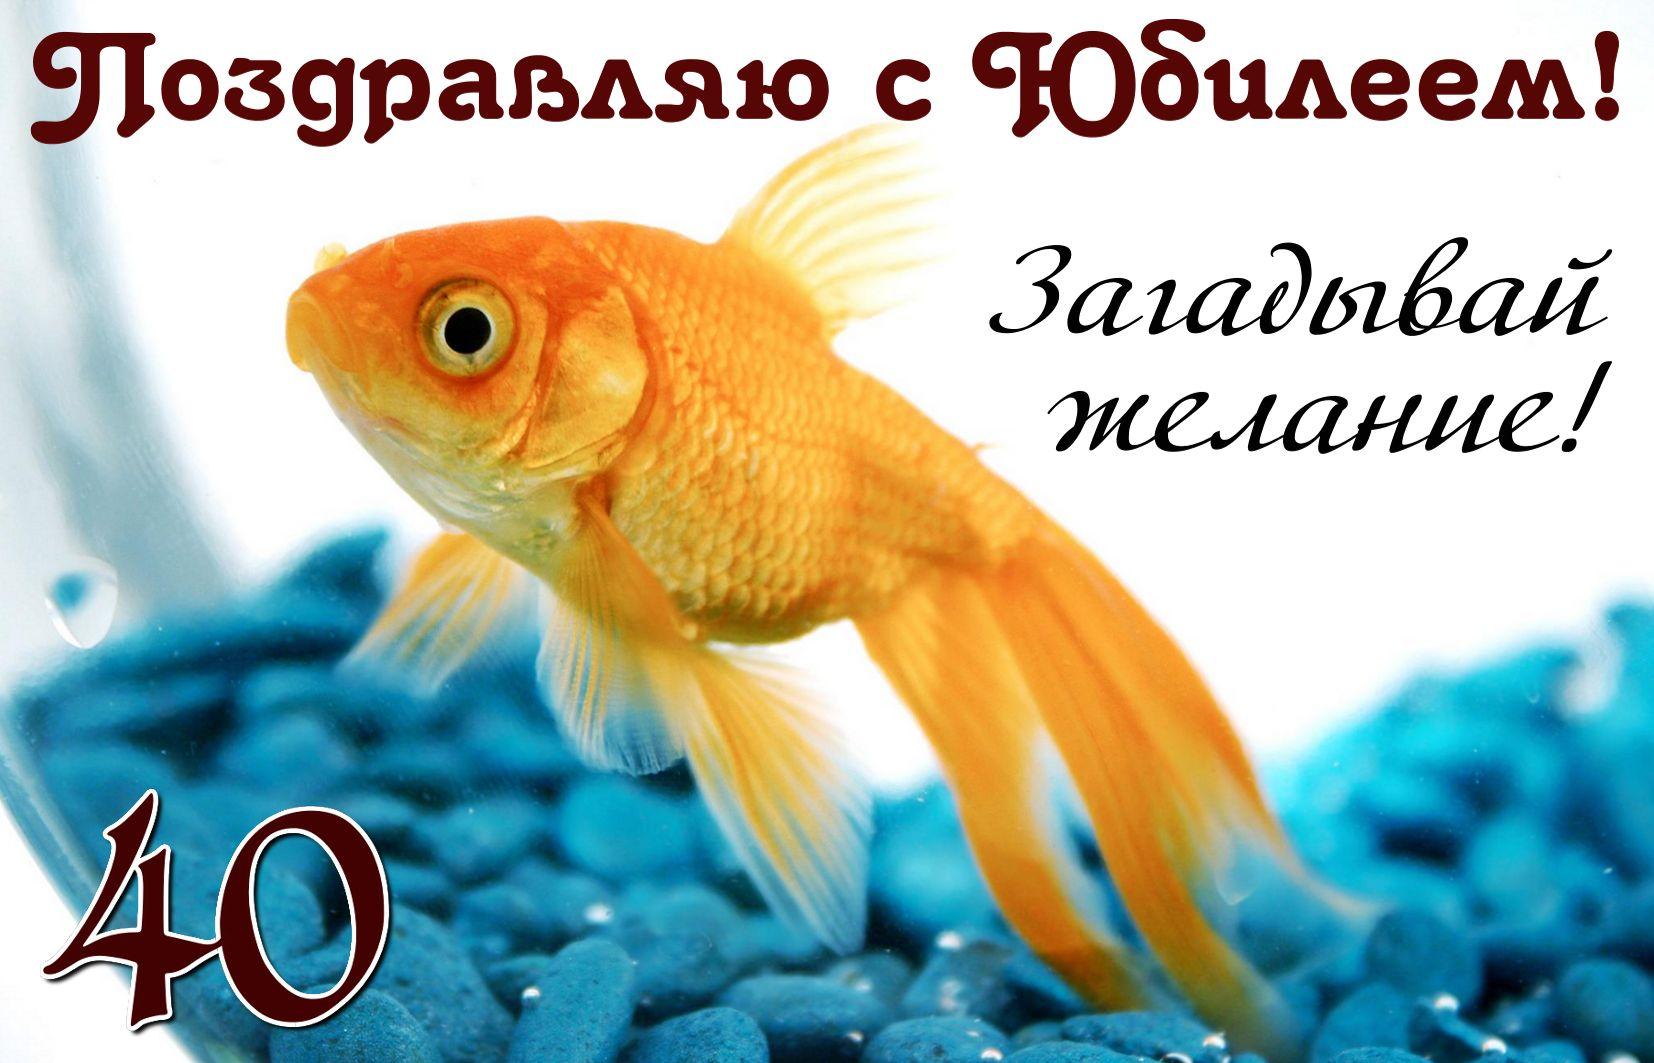 Открытка на 40 лет - золотая рыбка поздравляет с юбилеем